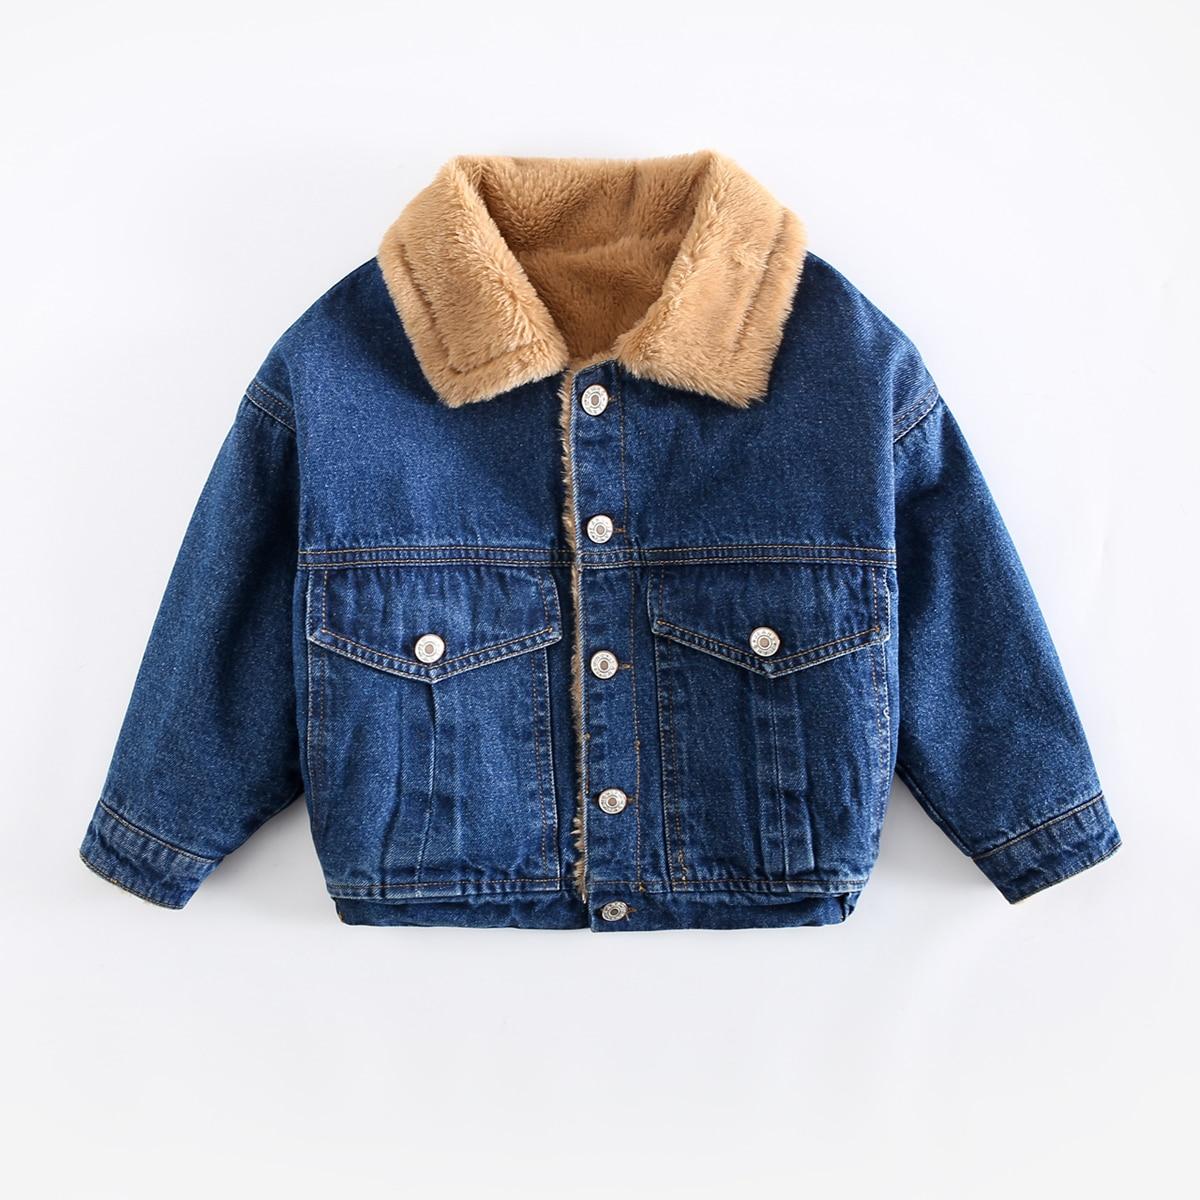 Джинсовая куртка с текстовой вышивкой и плюшевой подкладкой для мальчиков